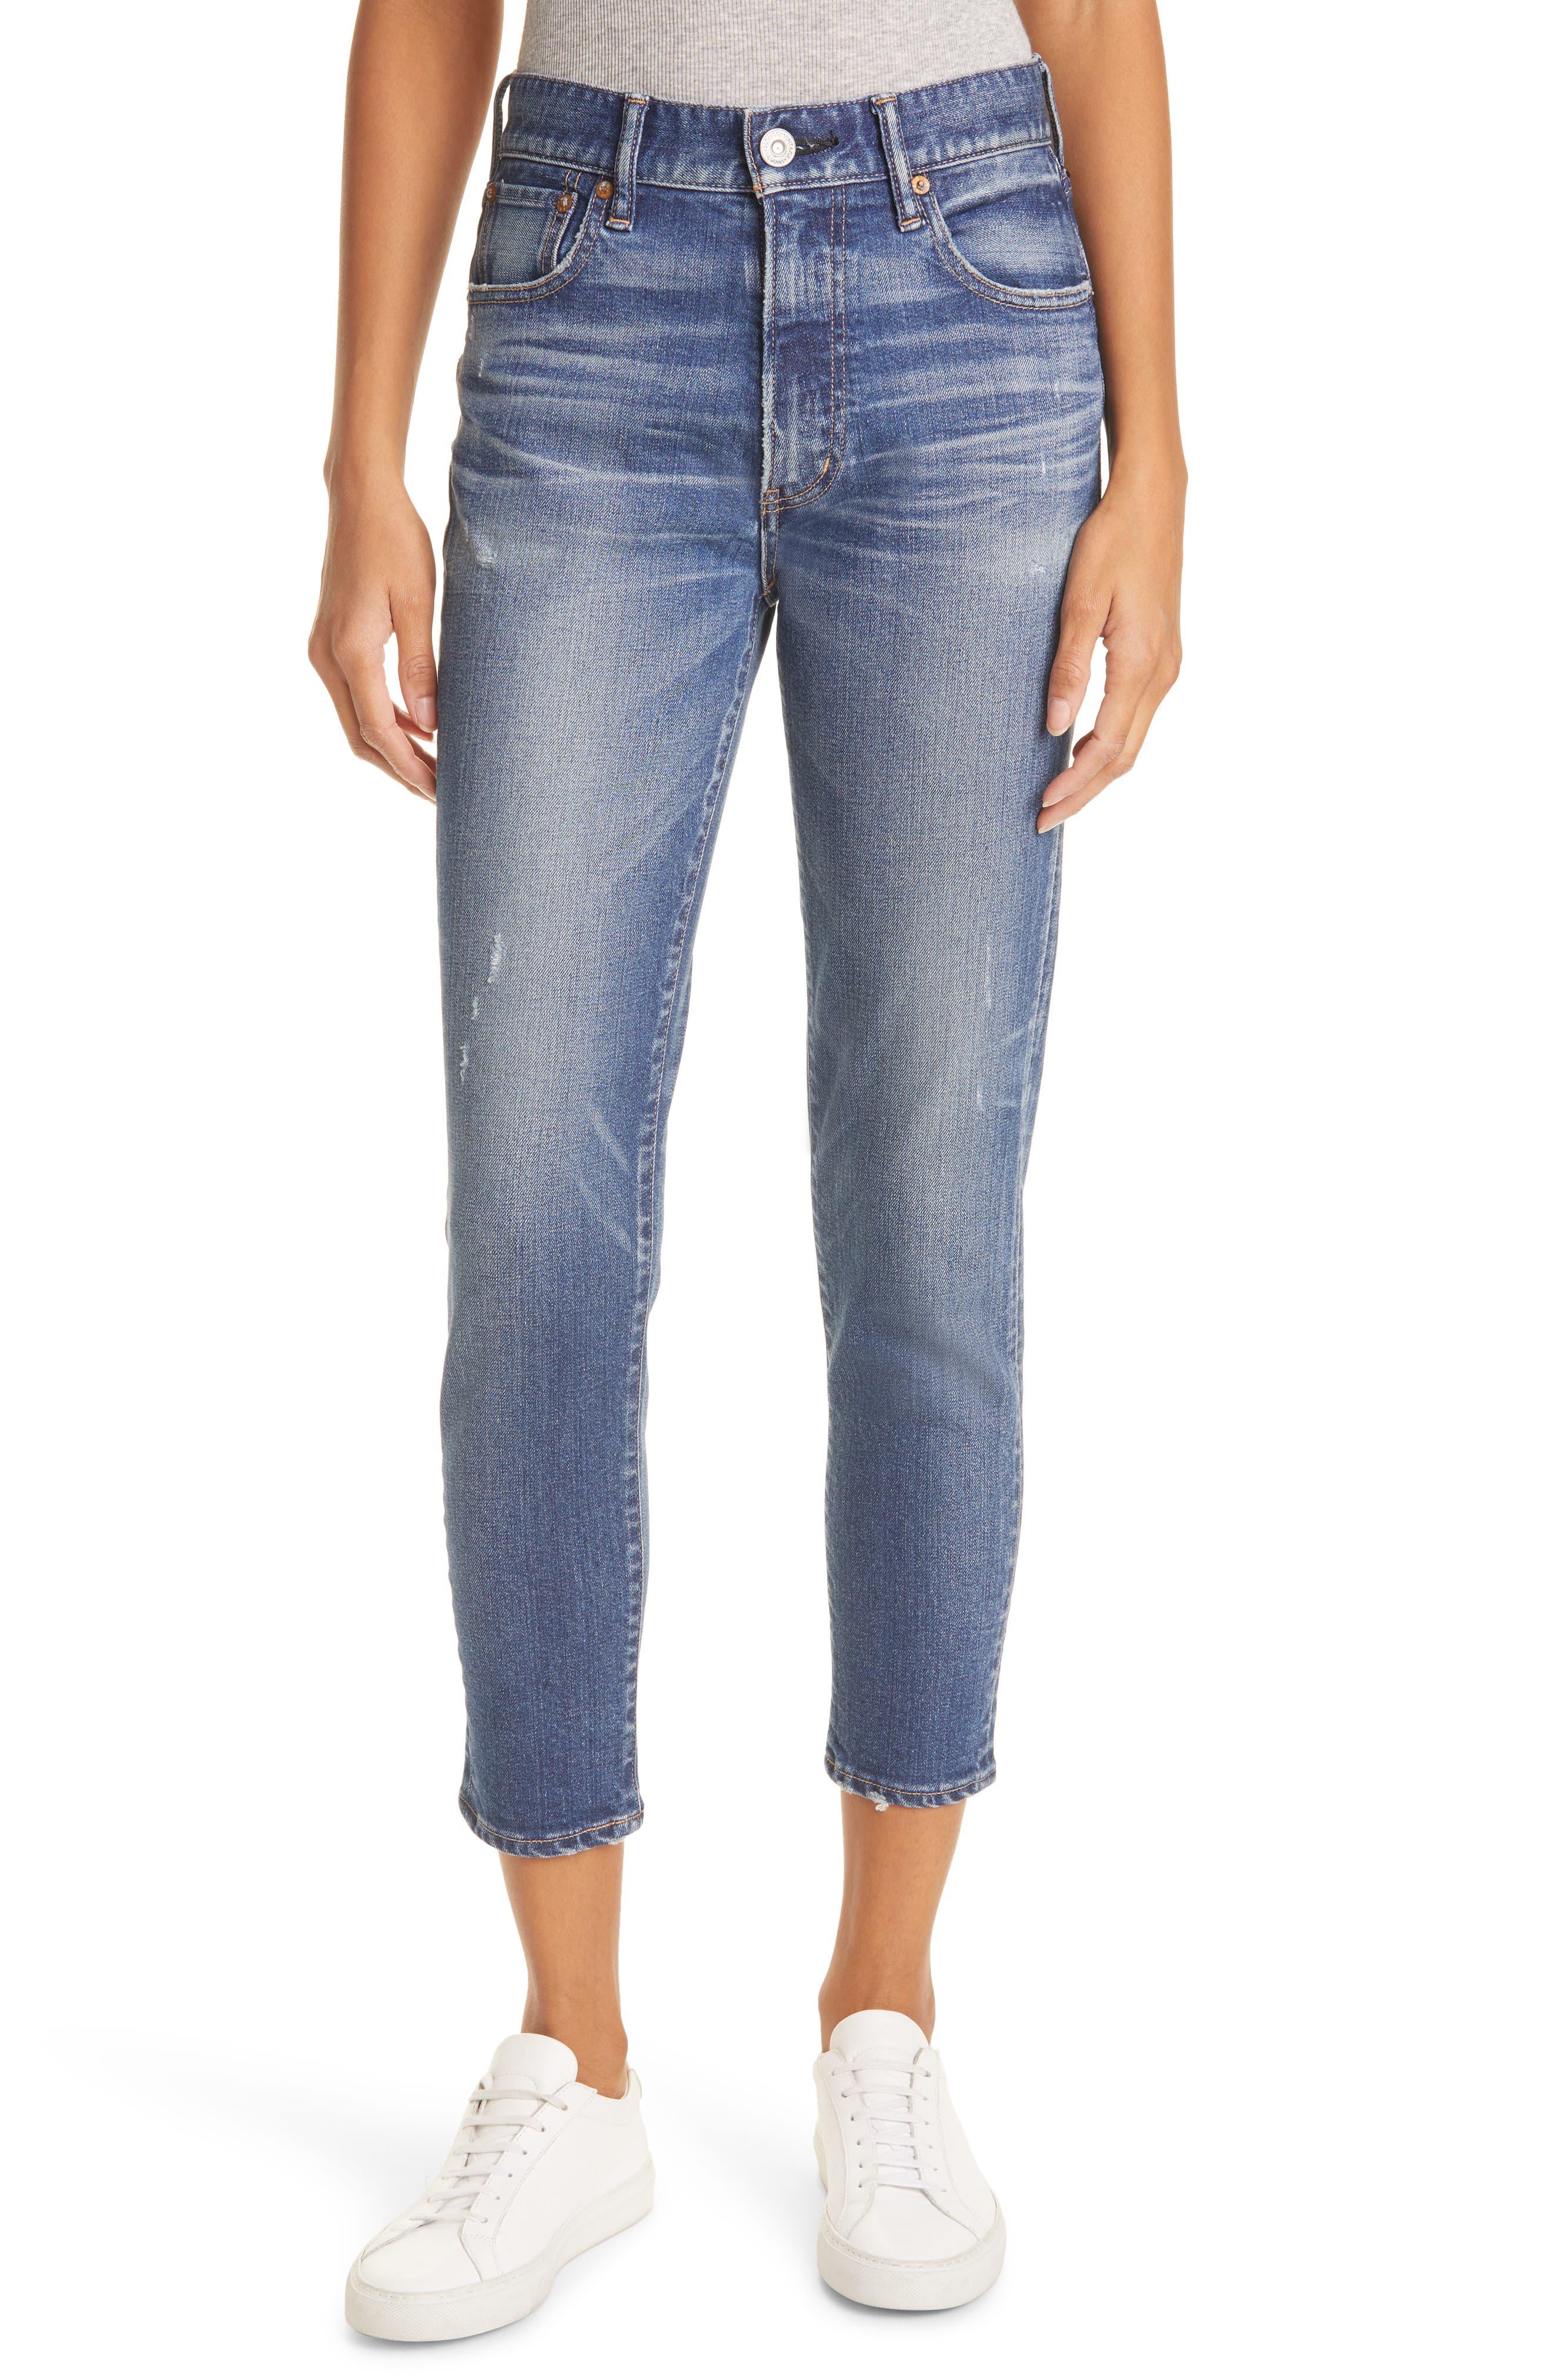 Vintage High Waist Tamworth Ankle Skinny Jeans